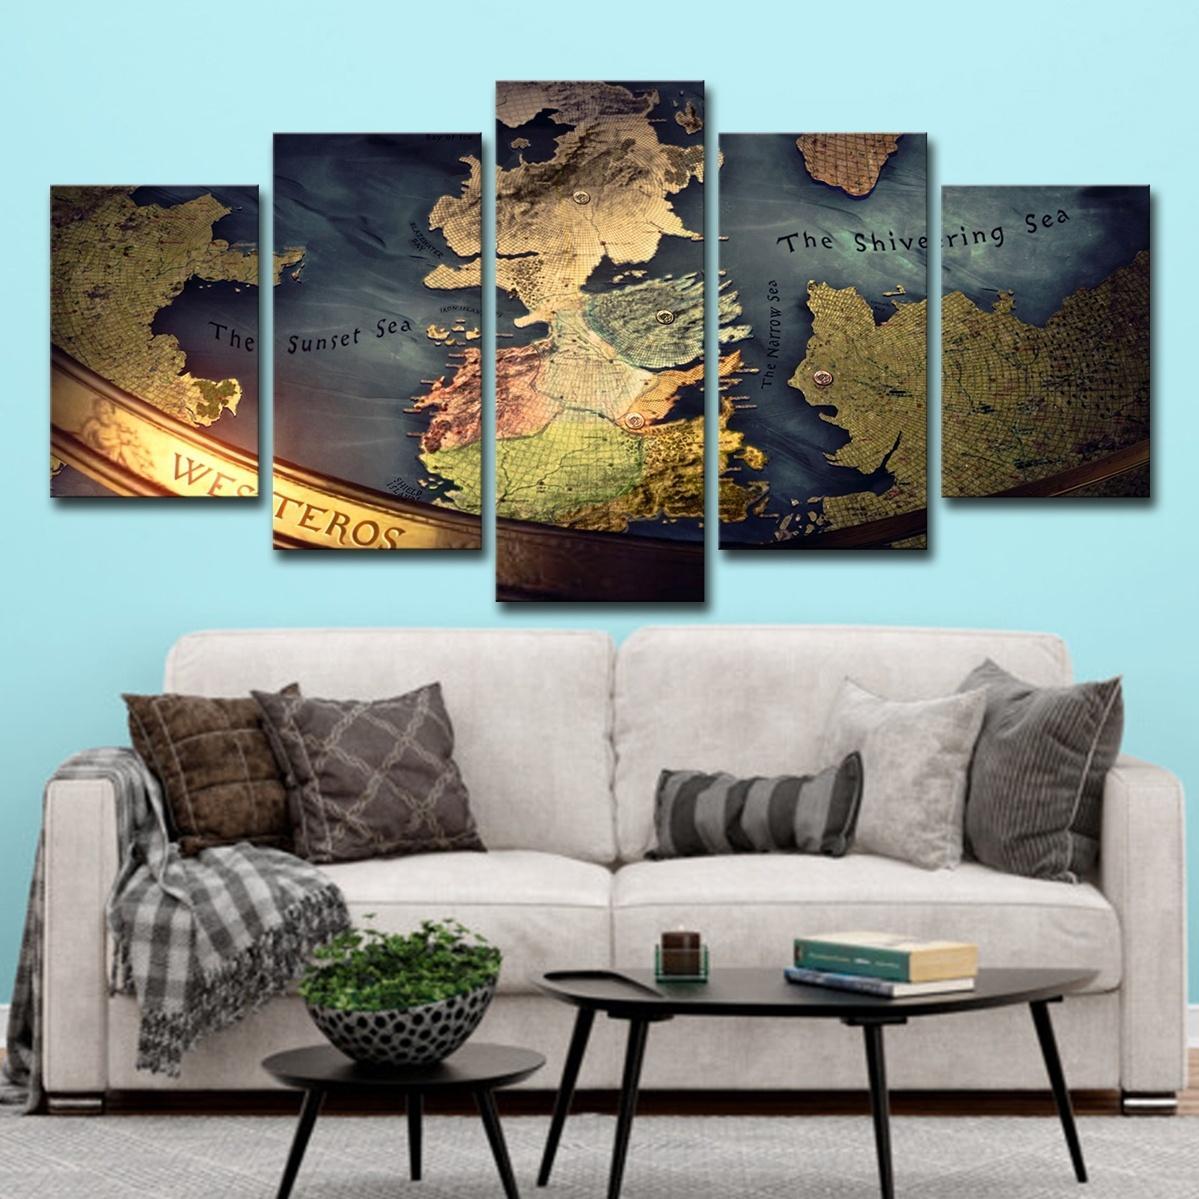 5 ADET Oyun Thrones Haritası Poster Wall Art HD Baskı Tuval Boyama Moda Asılı Resimler